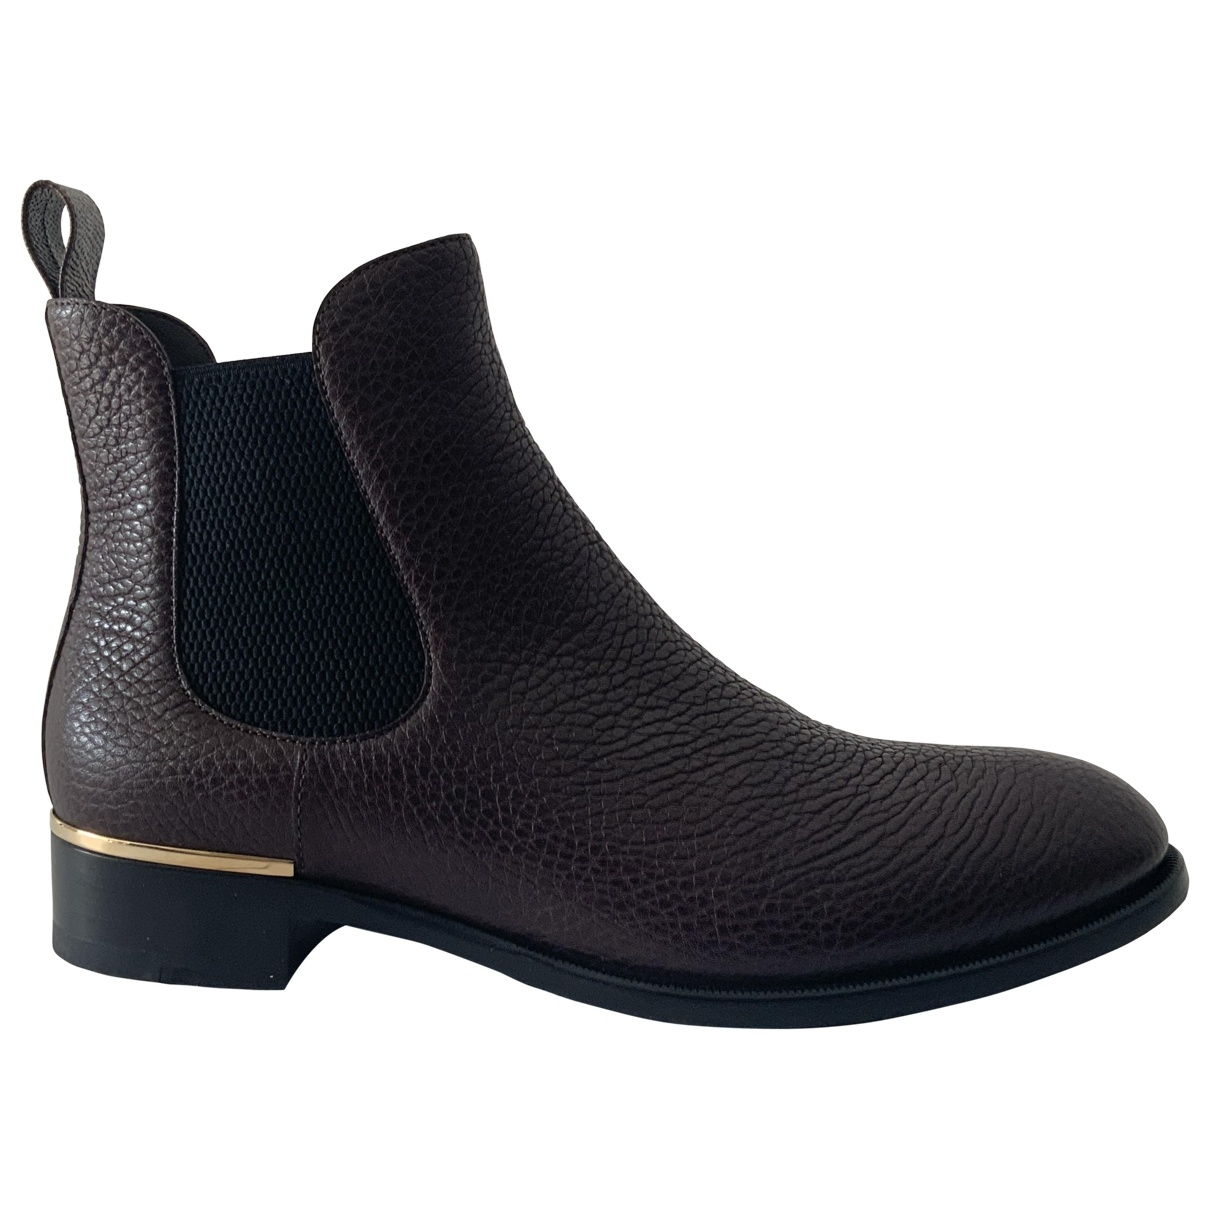 Botines de Cuero Louis Vuitton